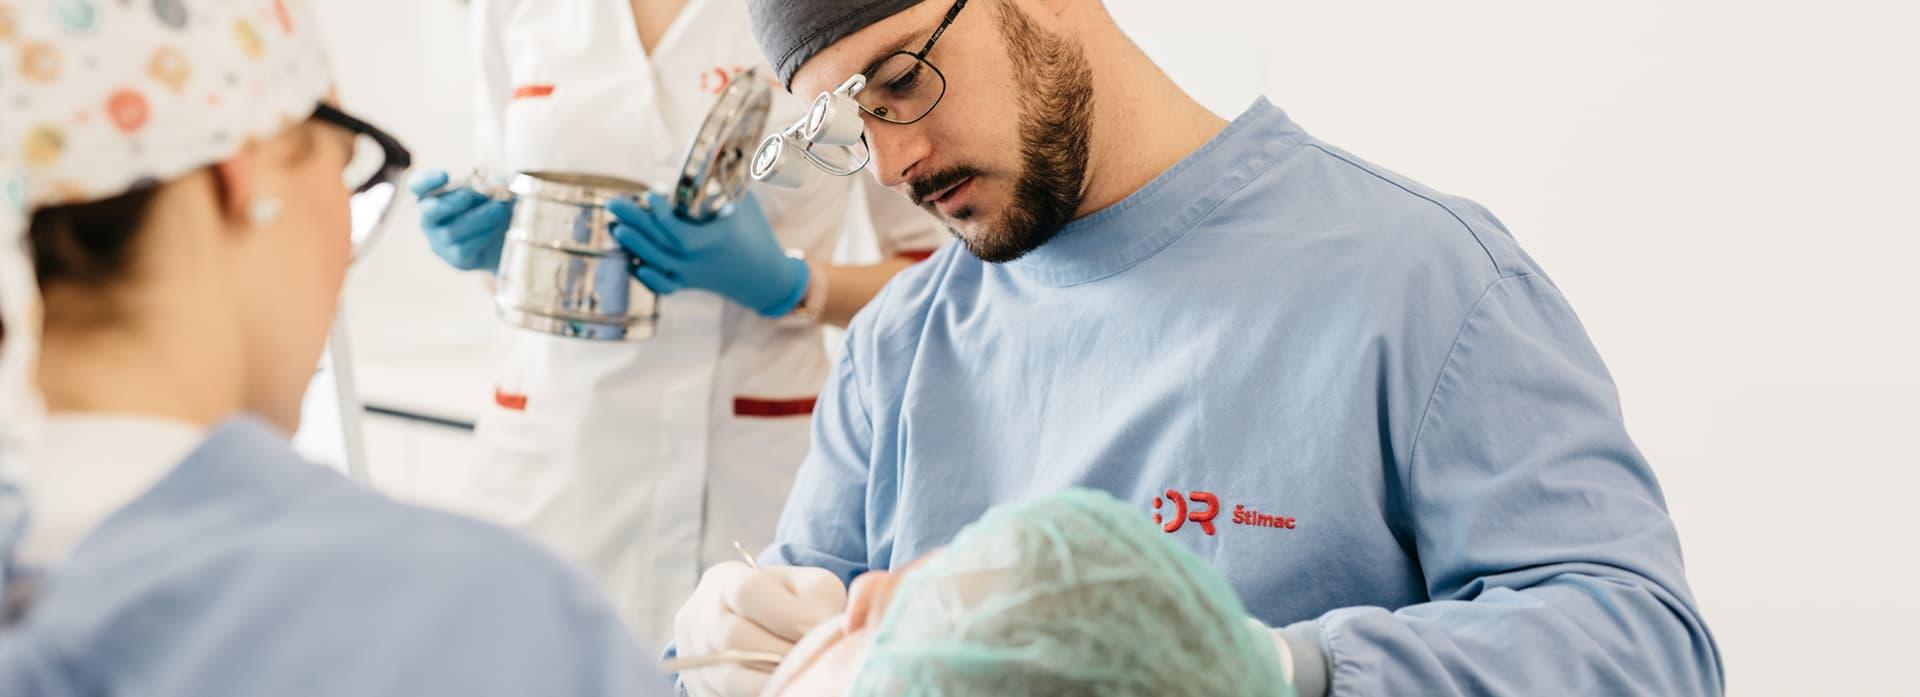 Chirurgia orale Croazia - Centro Dentale Štimac